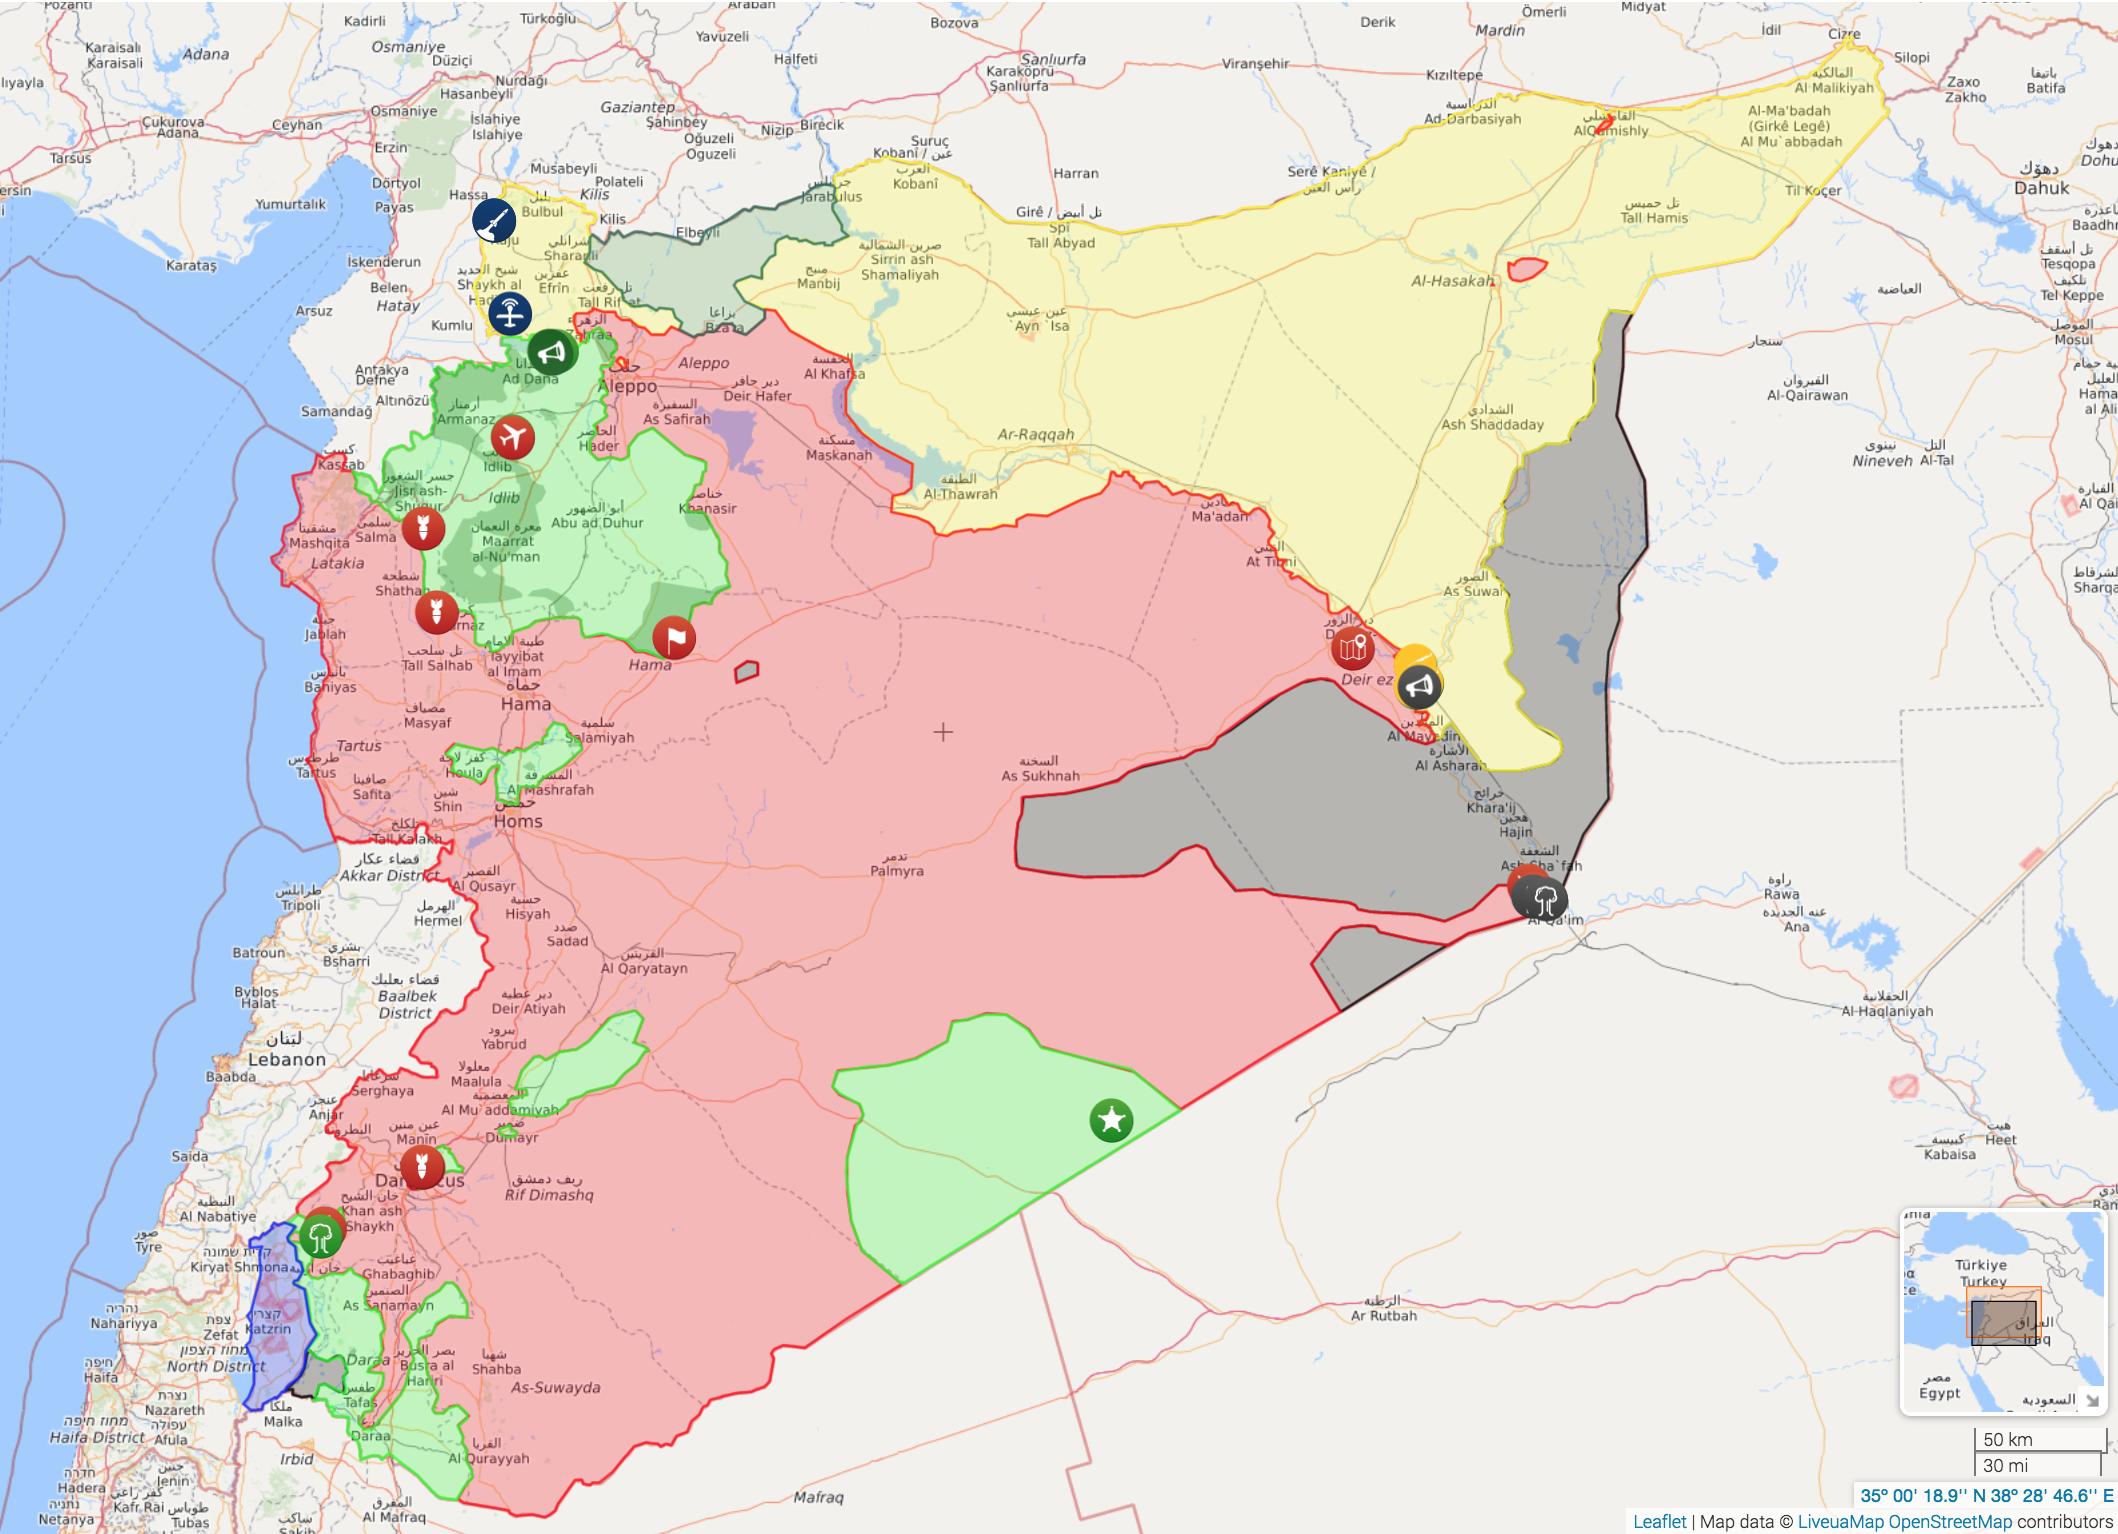 خريطة سيطرة القوى العسكرية في سوريا - 12 تشرين الثاني 2017 (livemap)